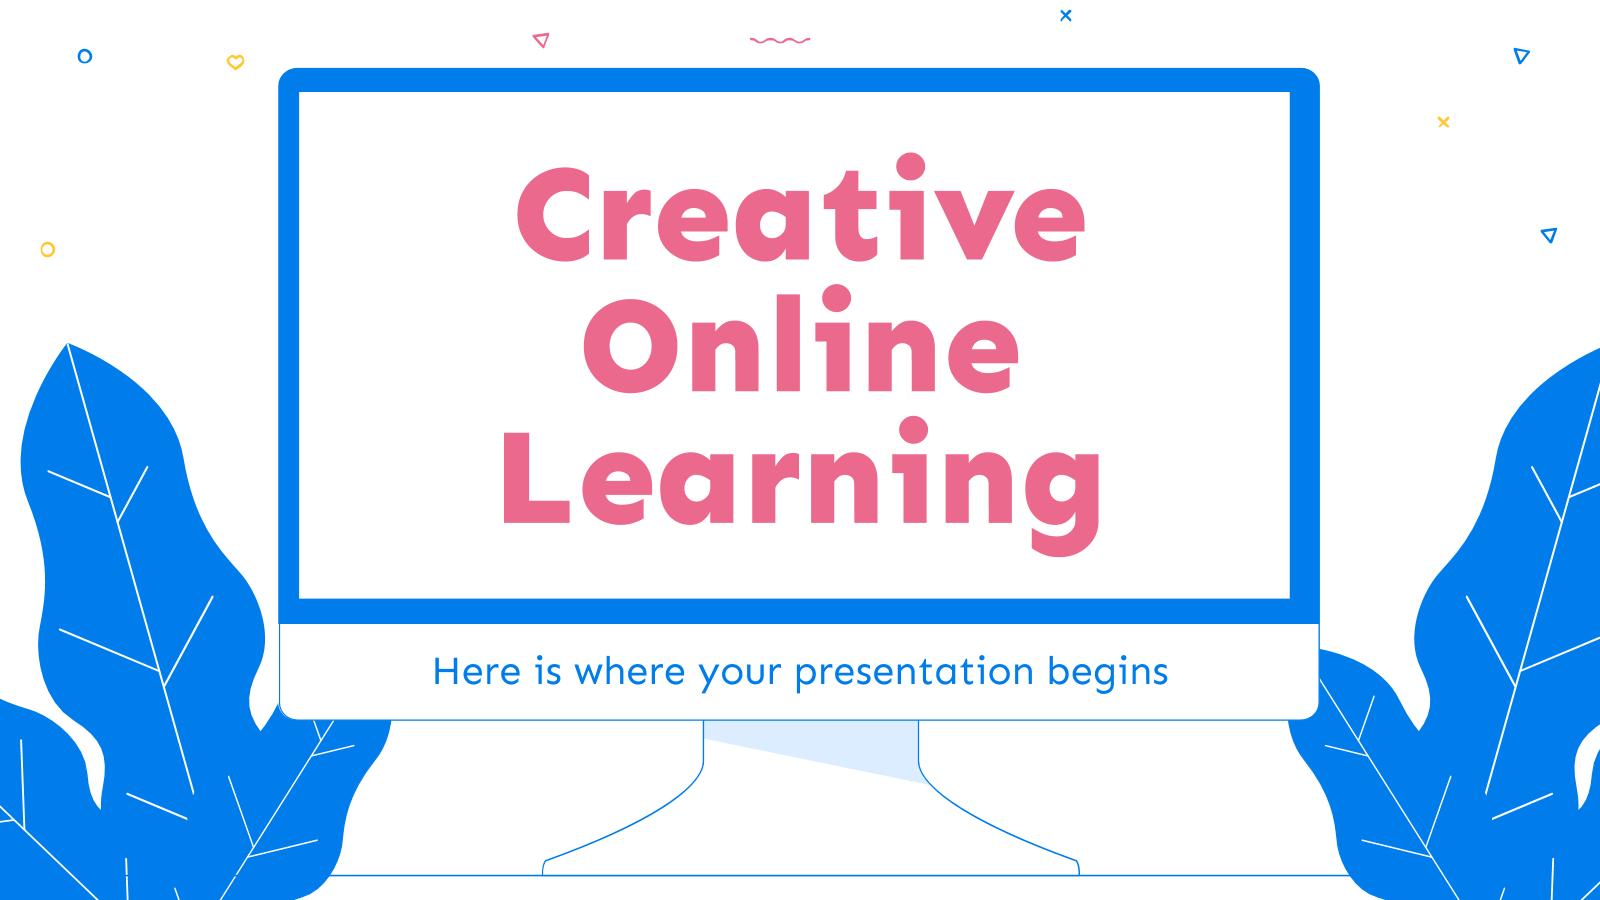 Plantilla de presentación Enseñanza online creativa